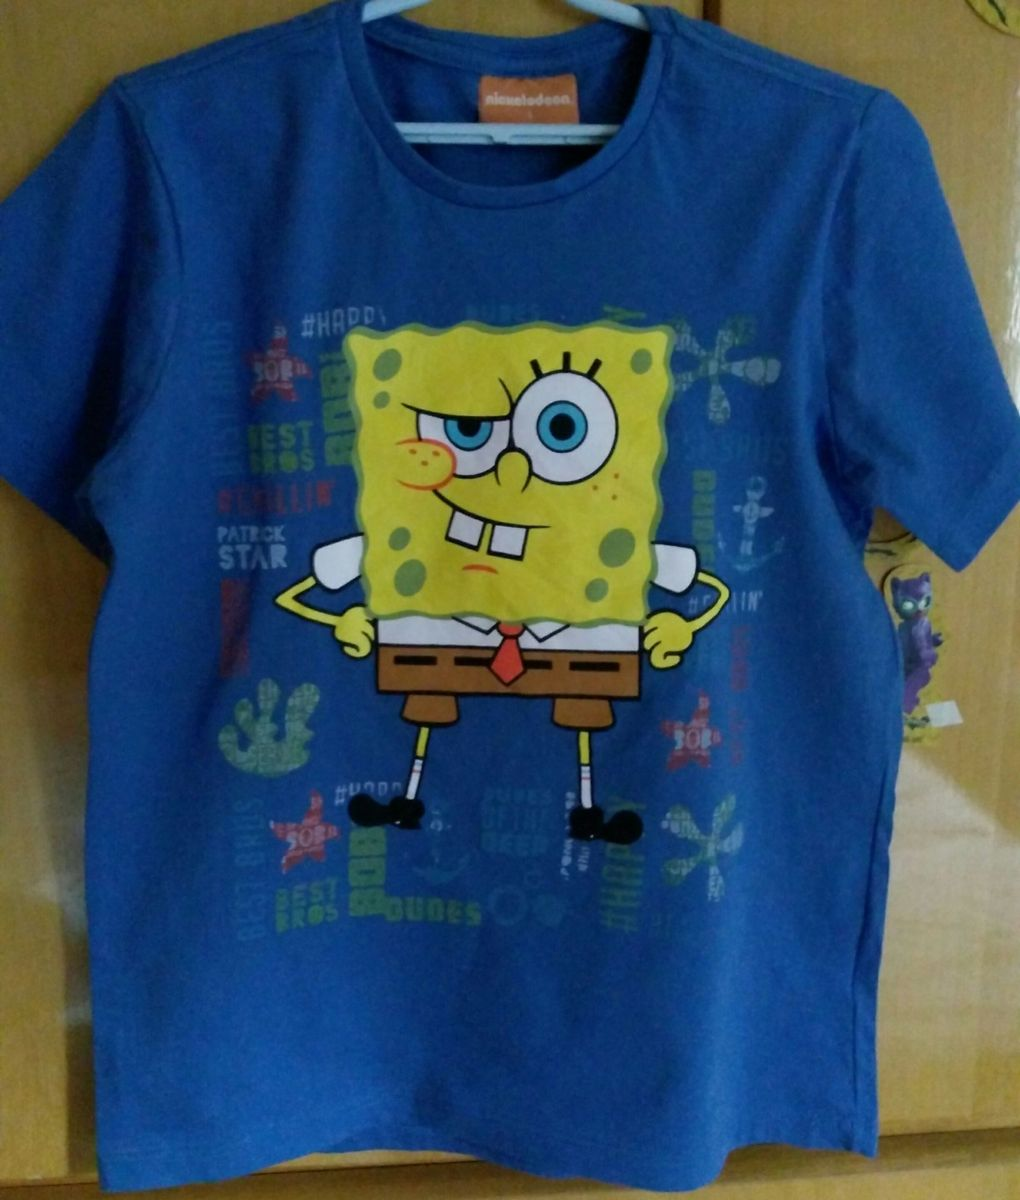 Todo el tiempo Año nuevo Humilde  Camiseta Bob Esponja | Roupa Infantil para Menino Camiseta-Bob-Esponja  Nunca Usado 25280904 | enjoei